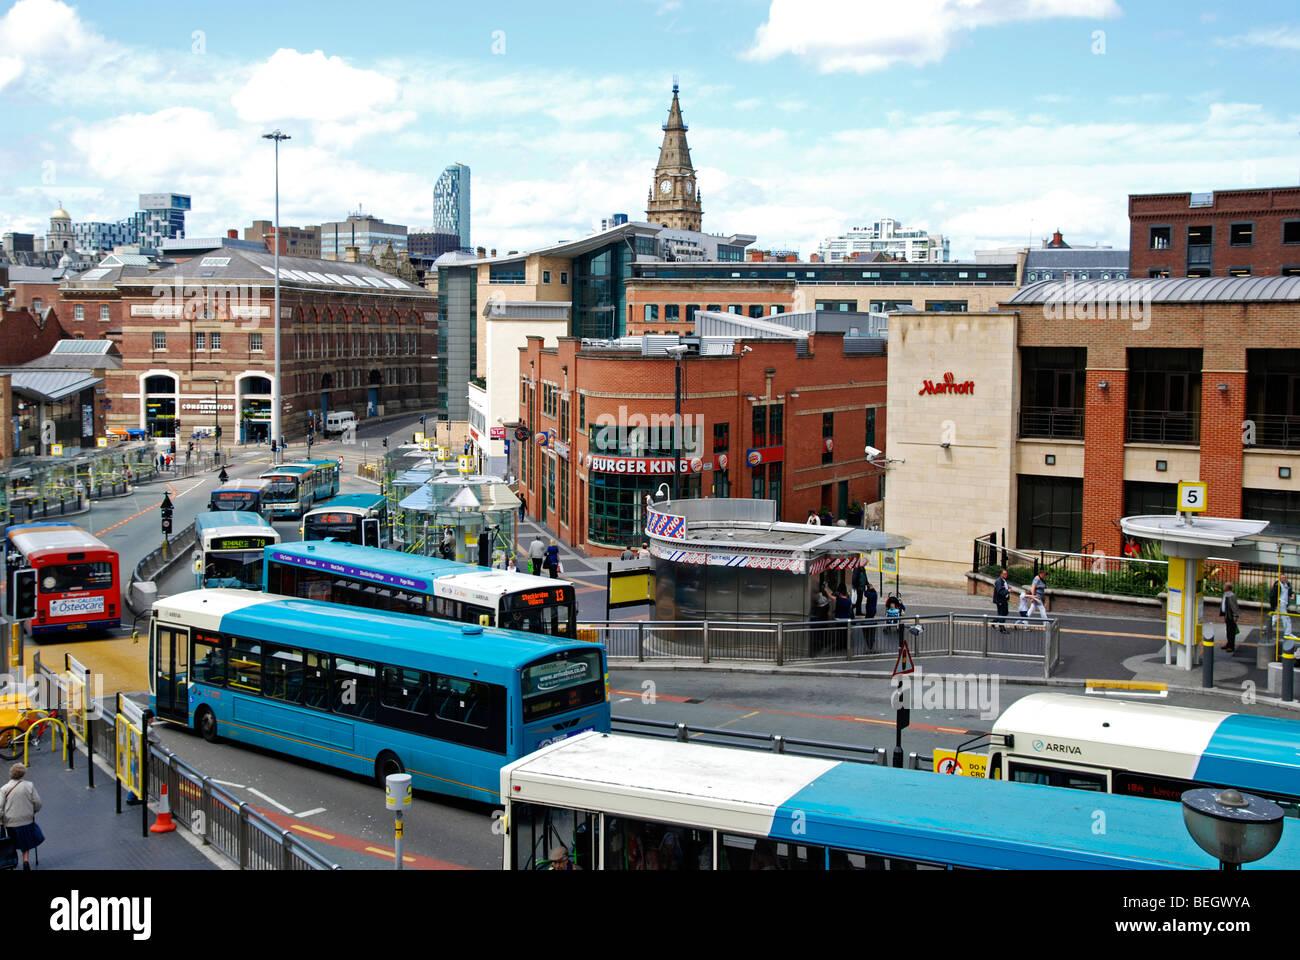 Los autobuses en el centro de la ciudad de Liverpool, Inglaterra, Reino Unido. Imagen De Stock